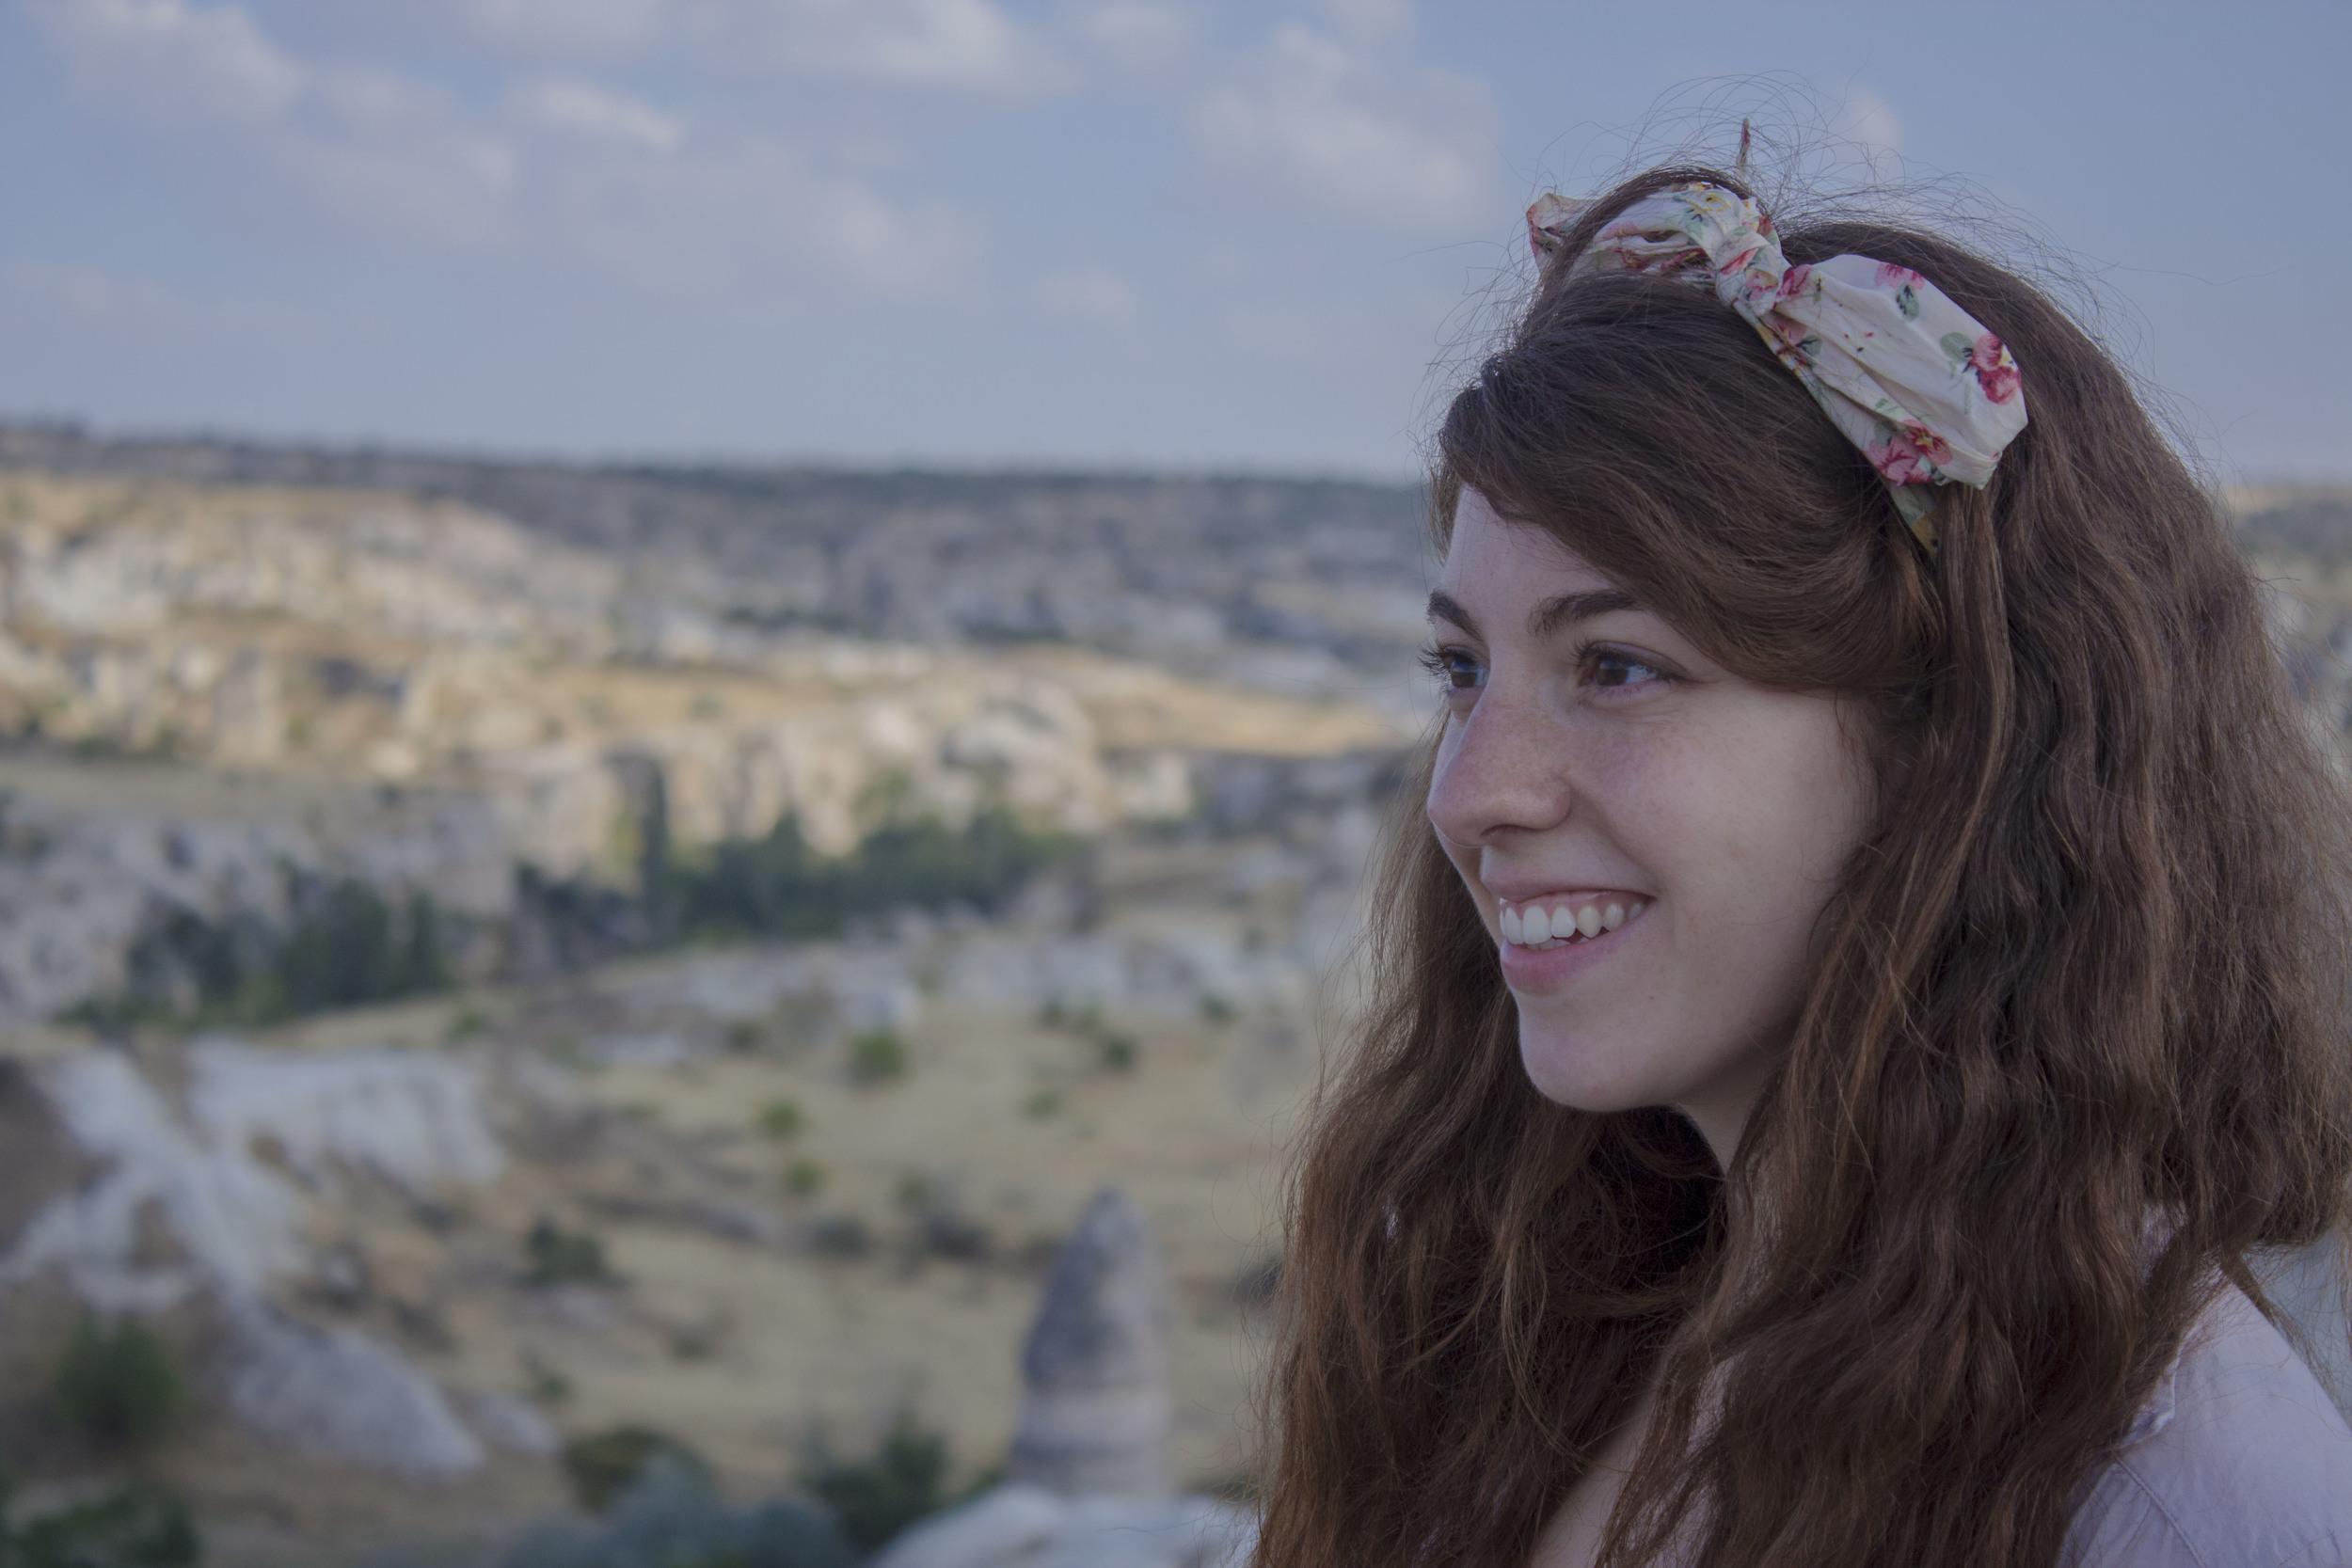 Noura (Cappadocia, 2013)